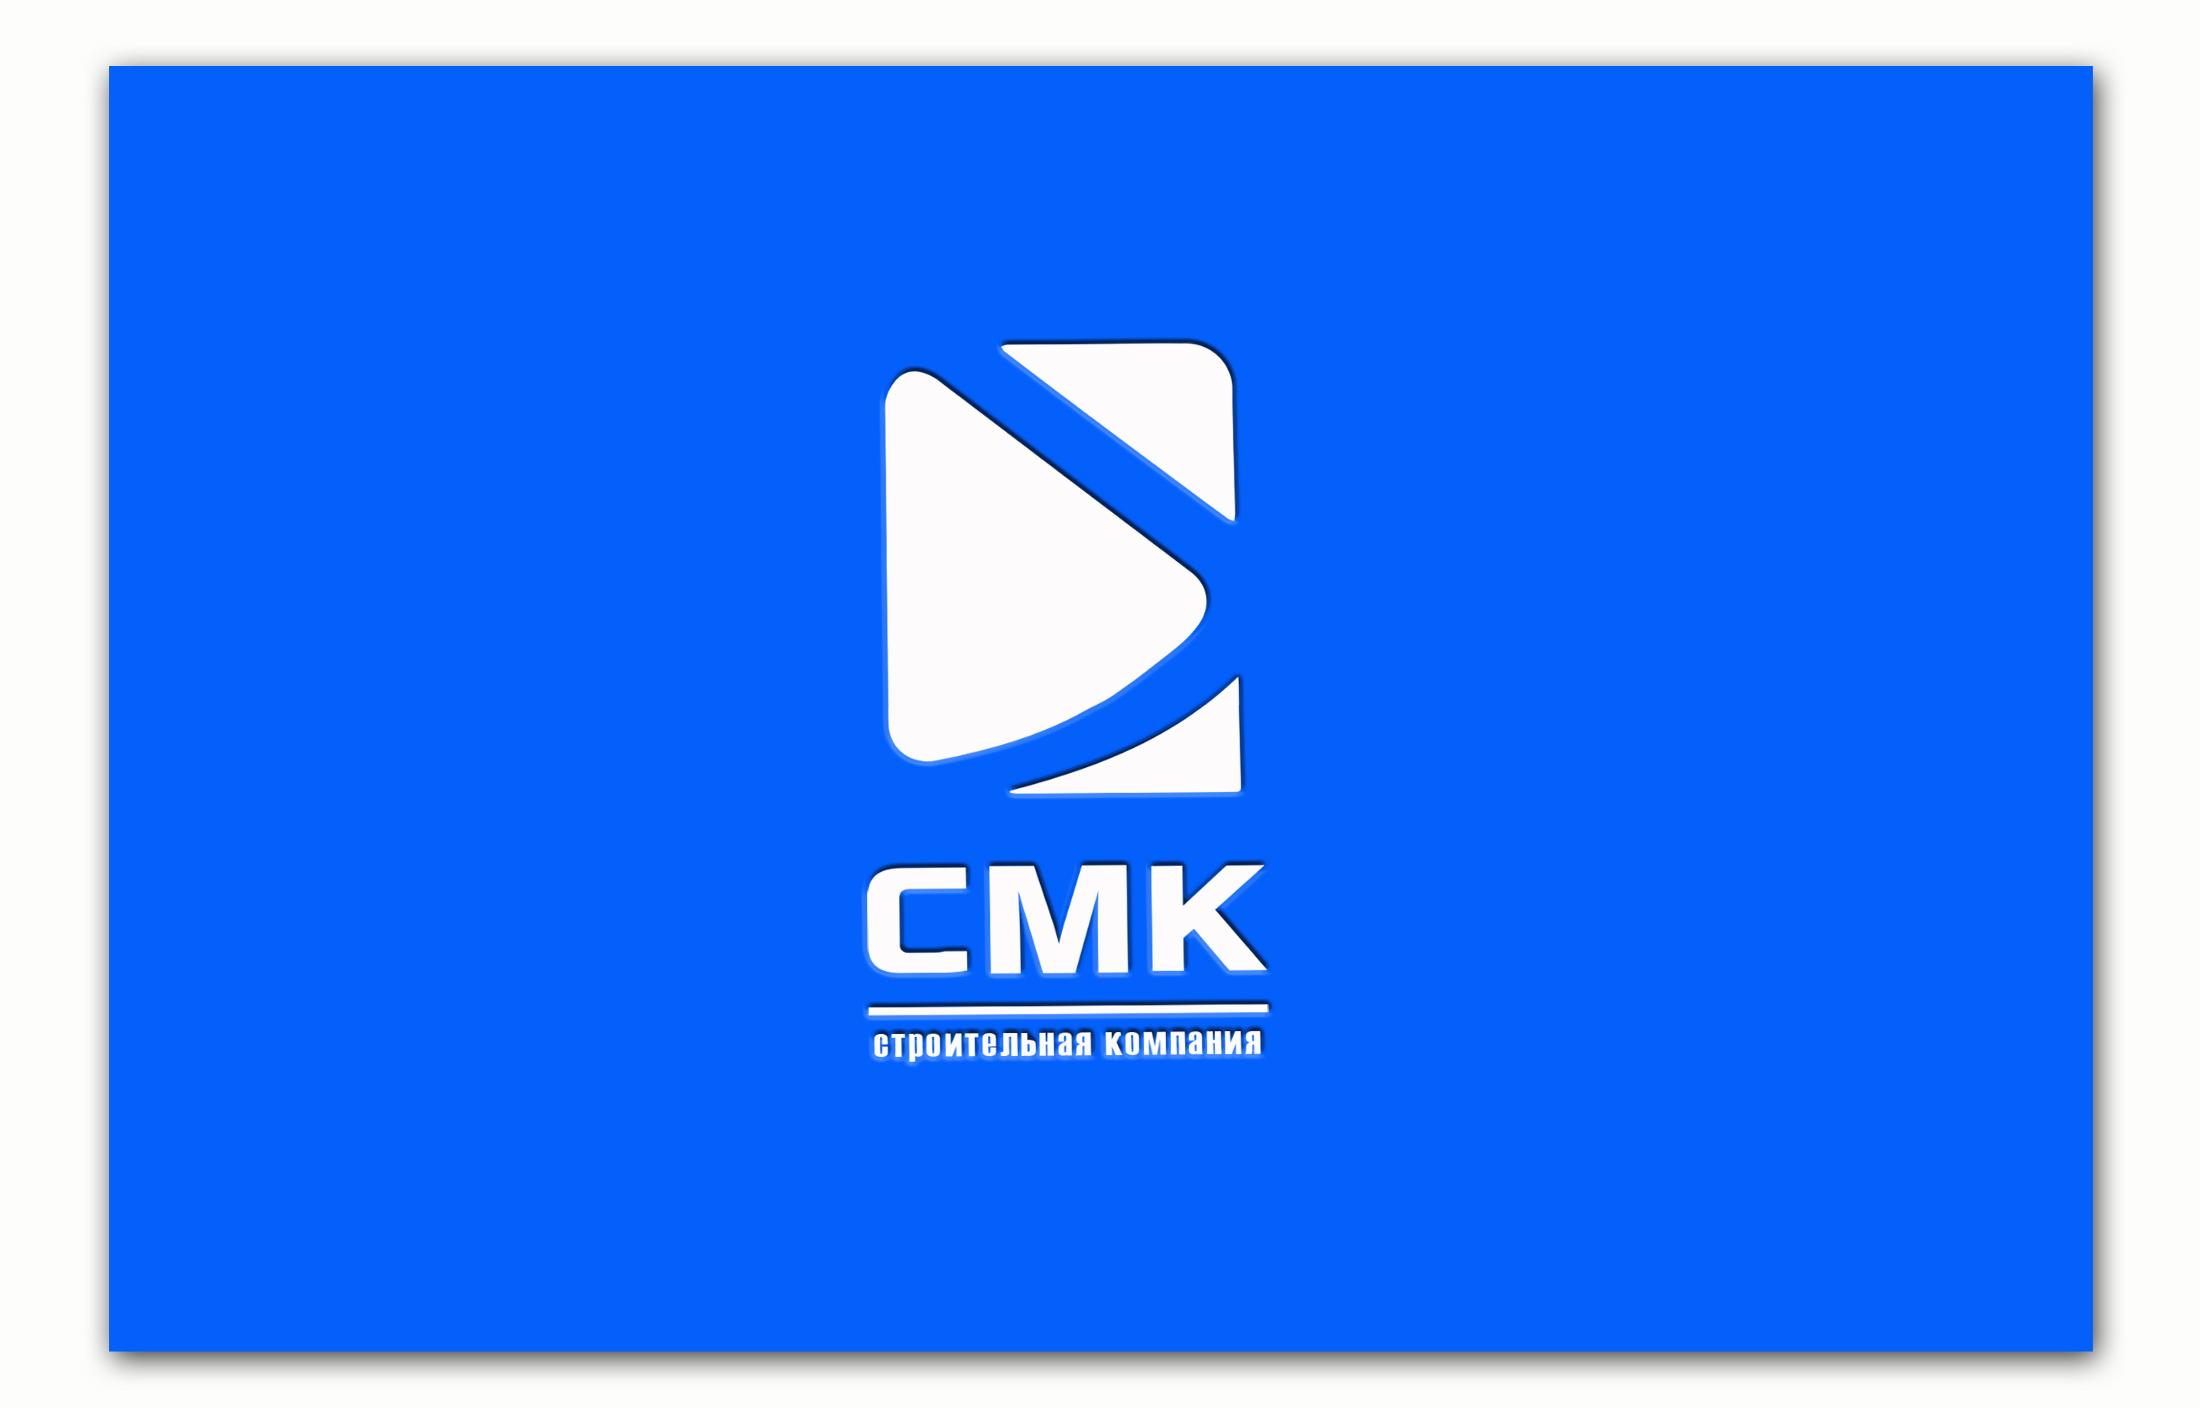 Разработка логотипа компании фото f_6305de28f7d7de65.jpg